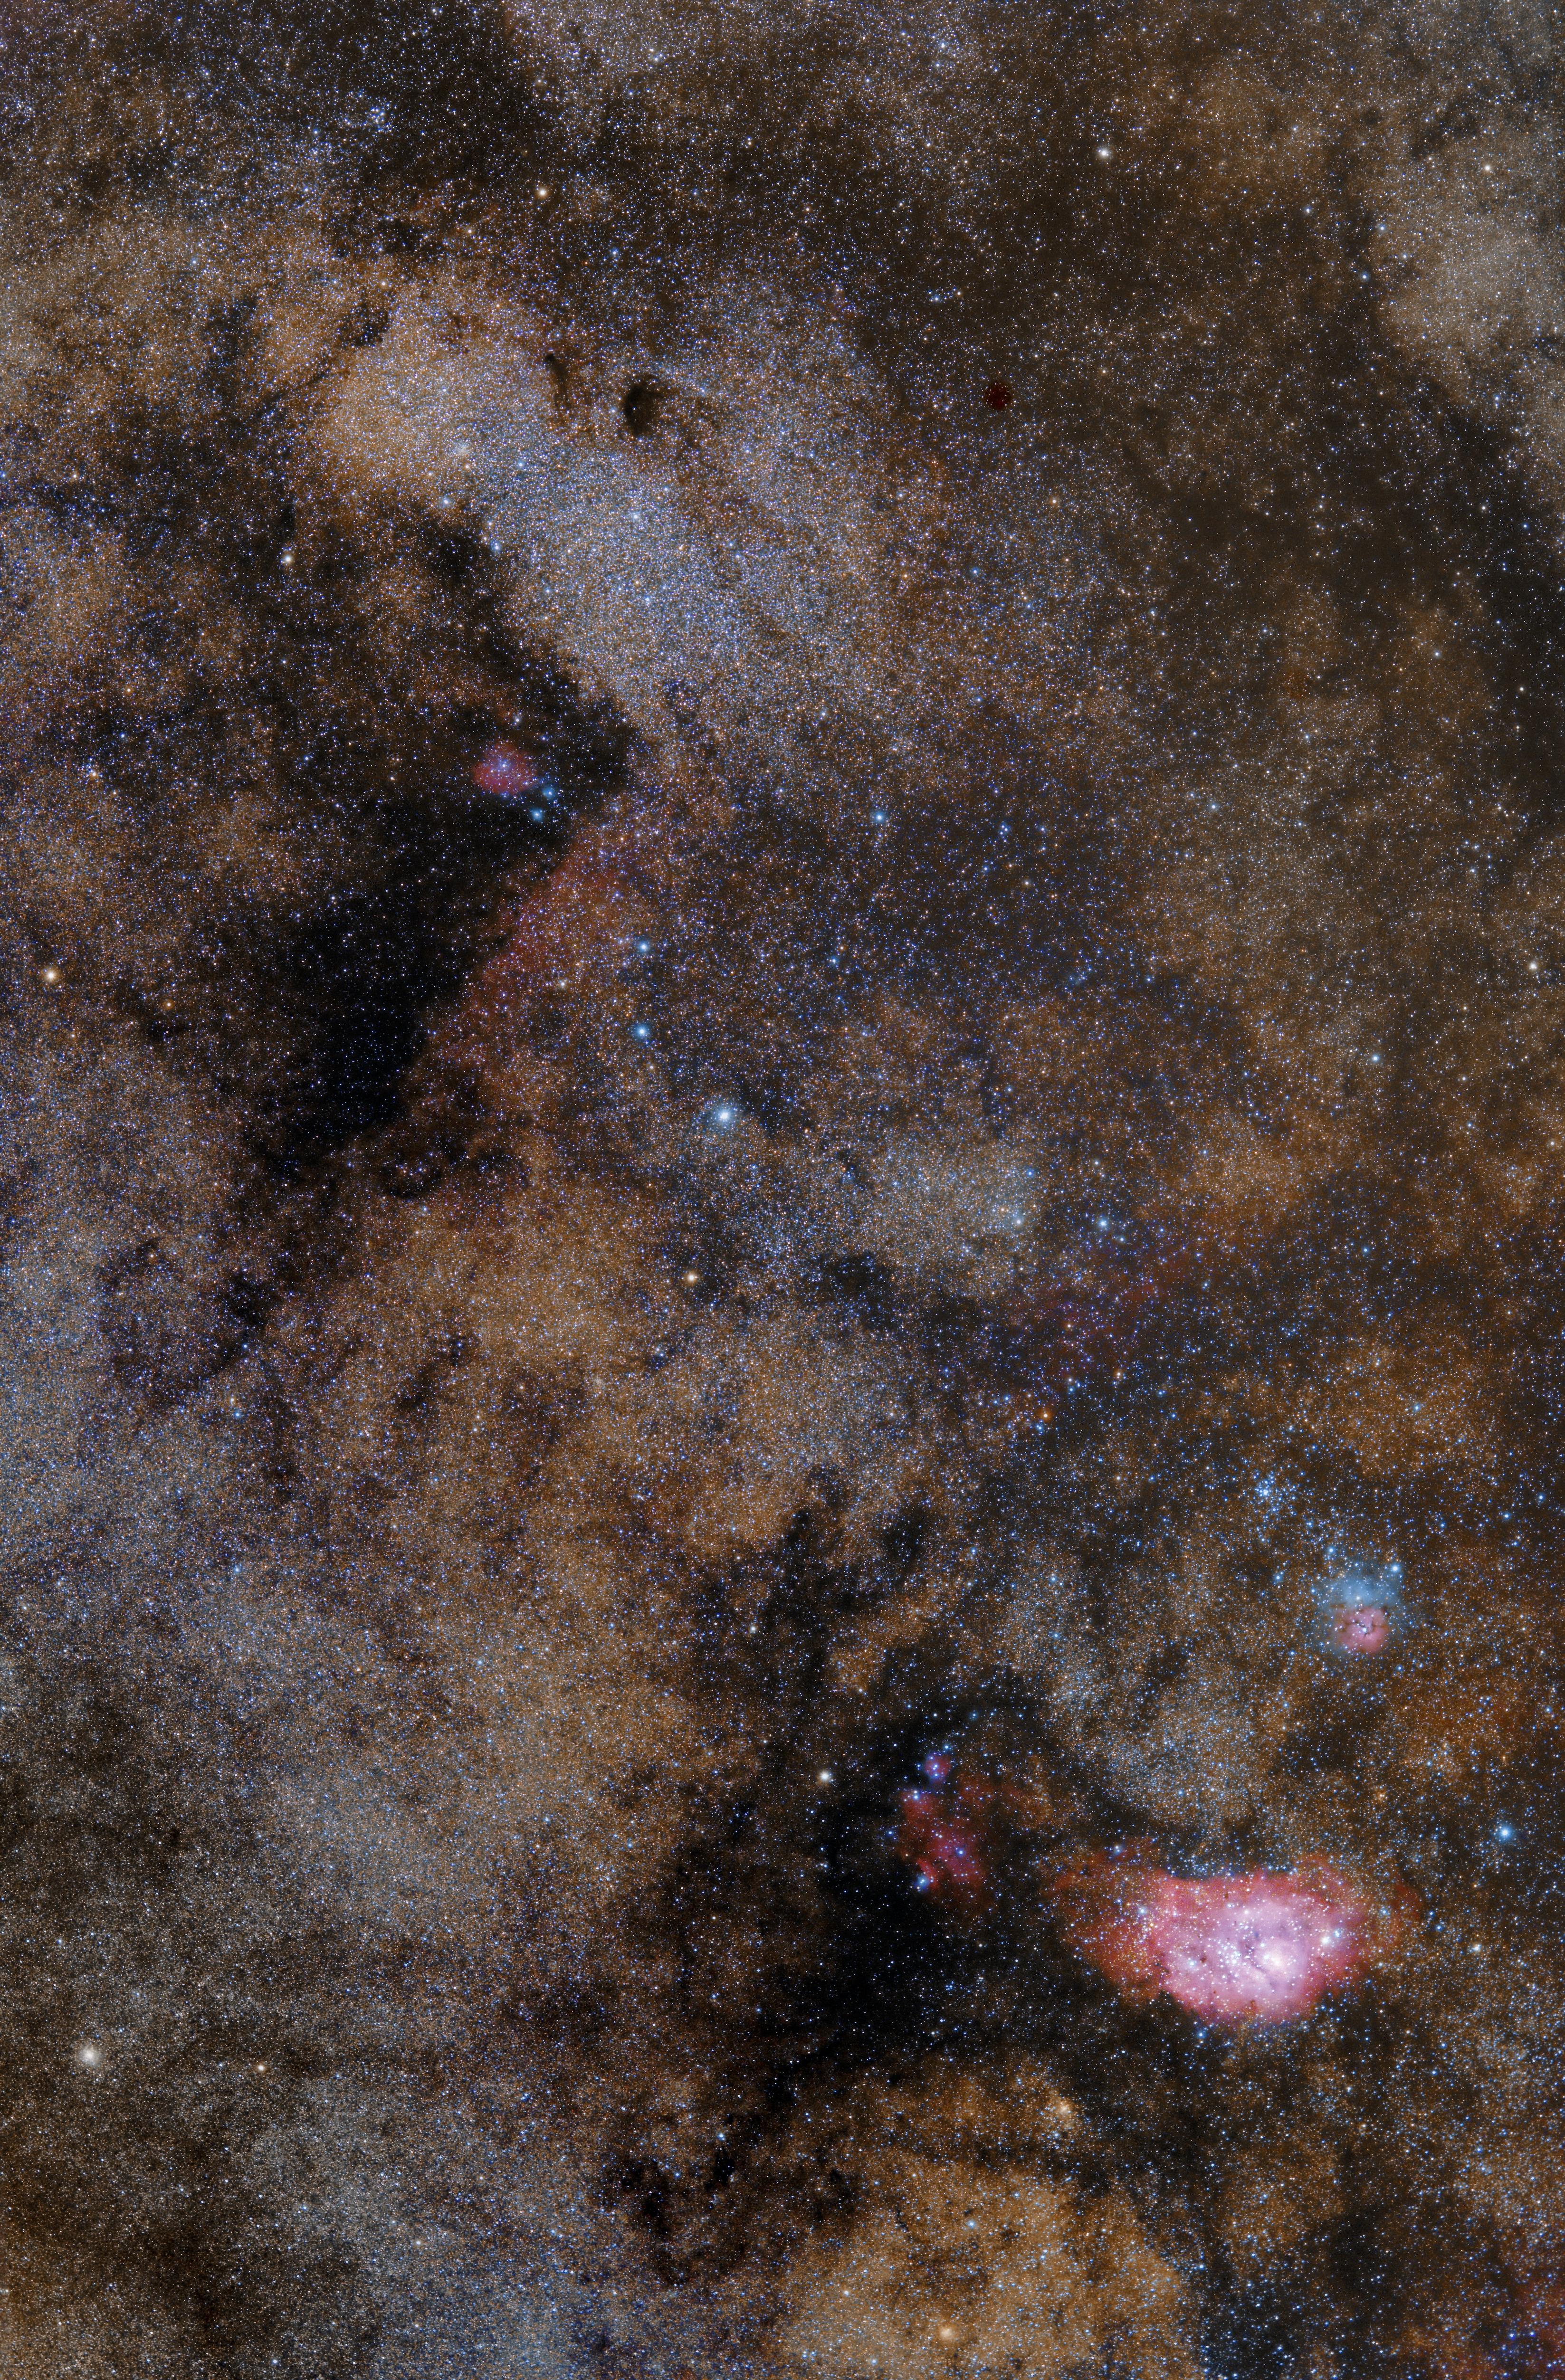 M8, M21, M20 widefield